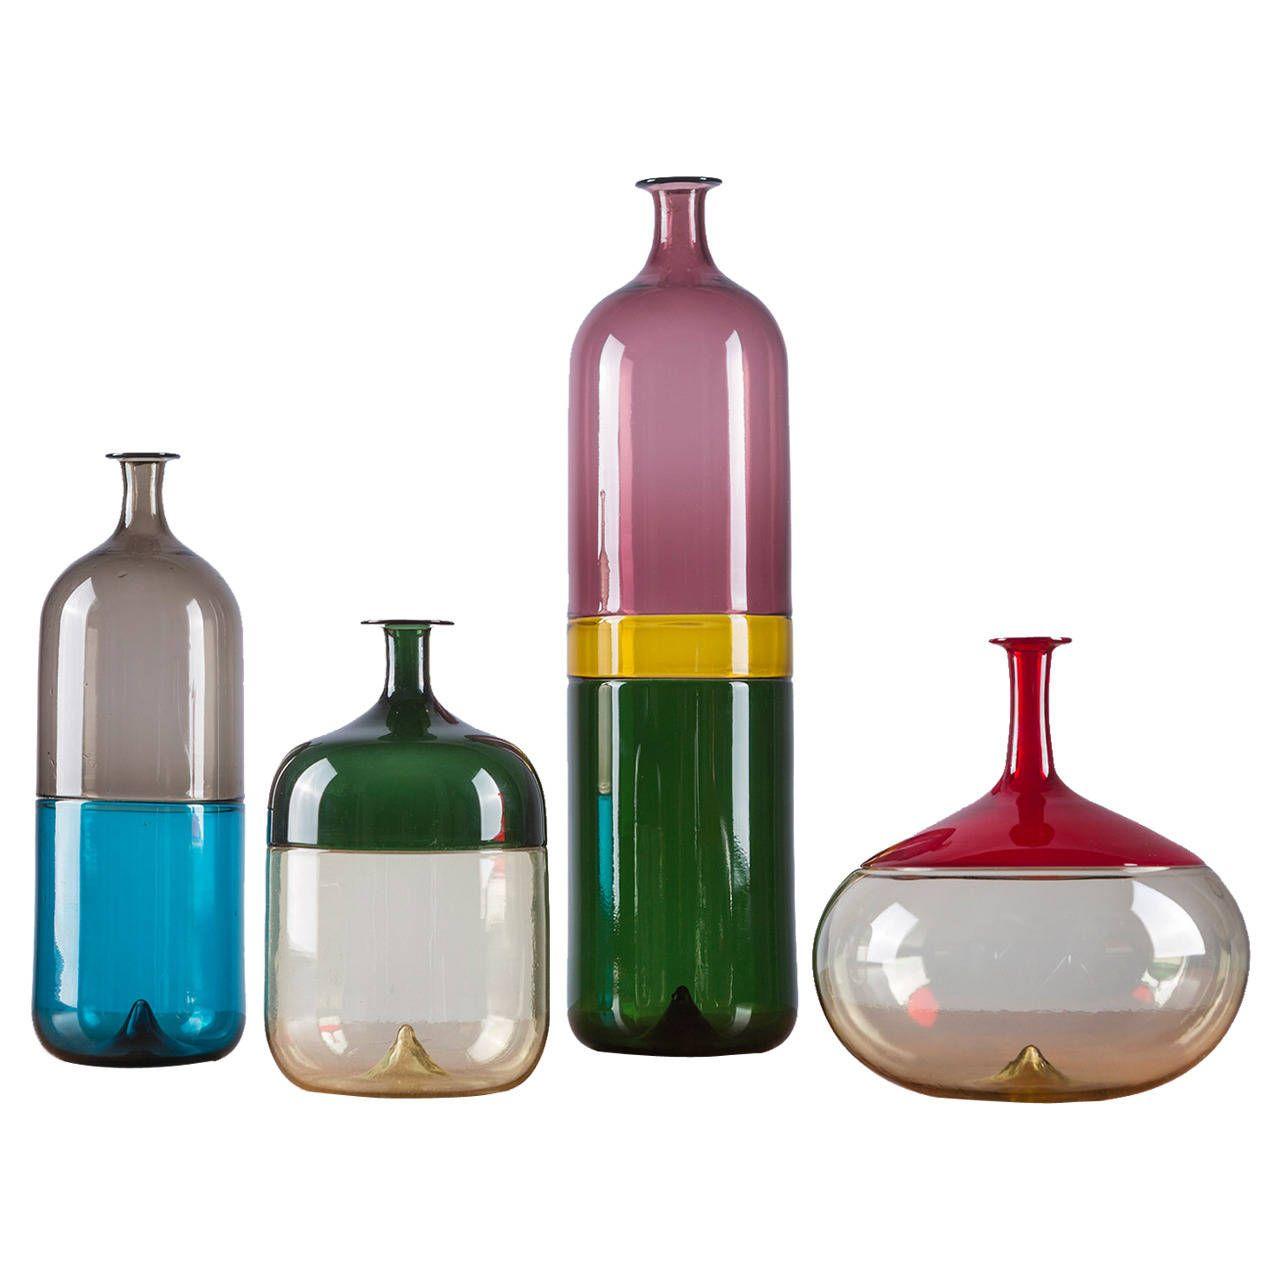 Rare set of four bolle vases by tapio wirkkala for venini rare set of four bolle vases by tapio wirkkala for venini modern glasscolor reviewsmspy